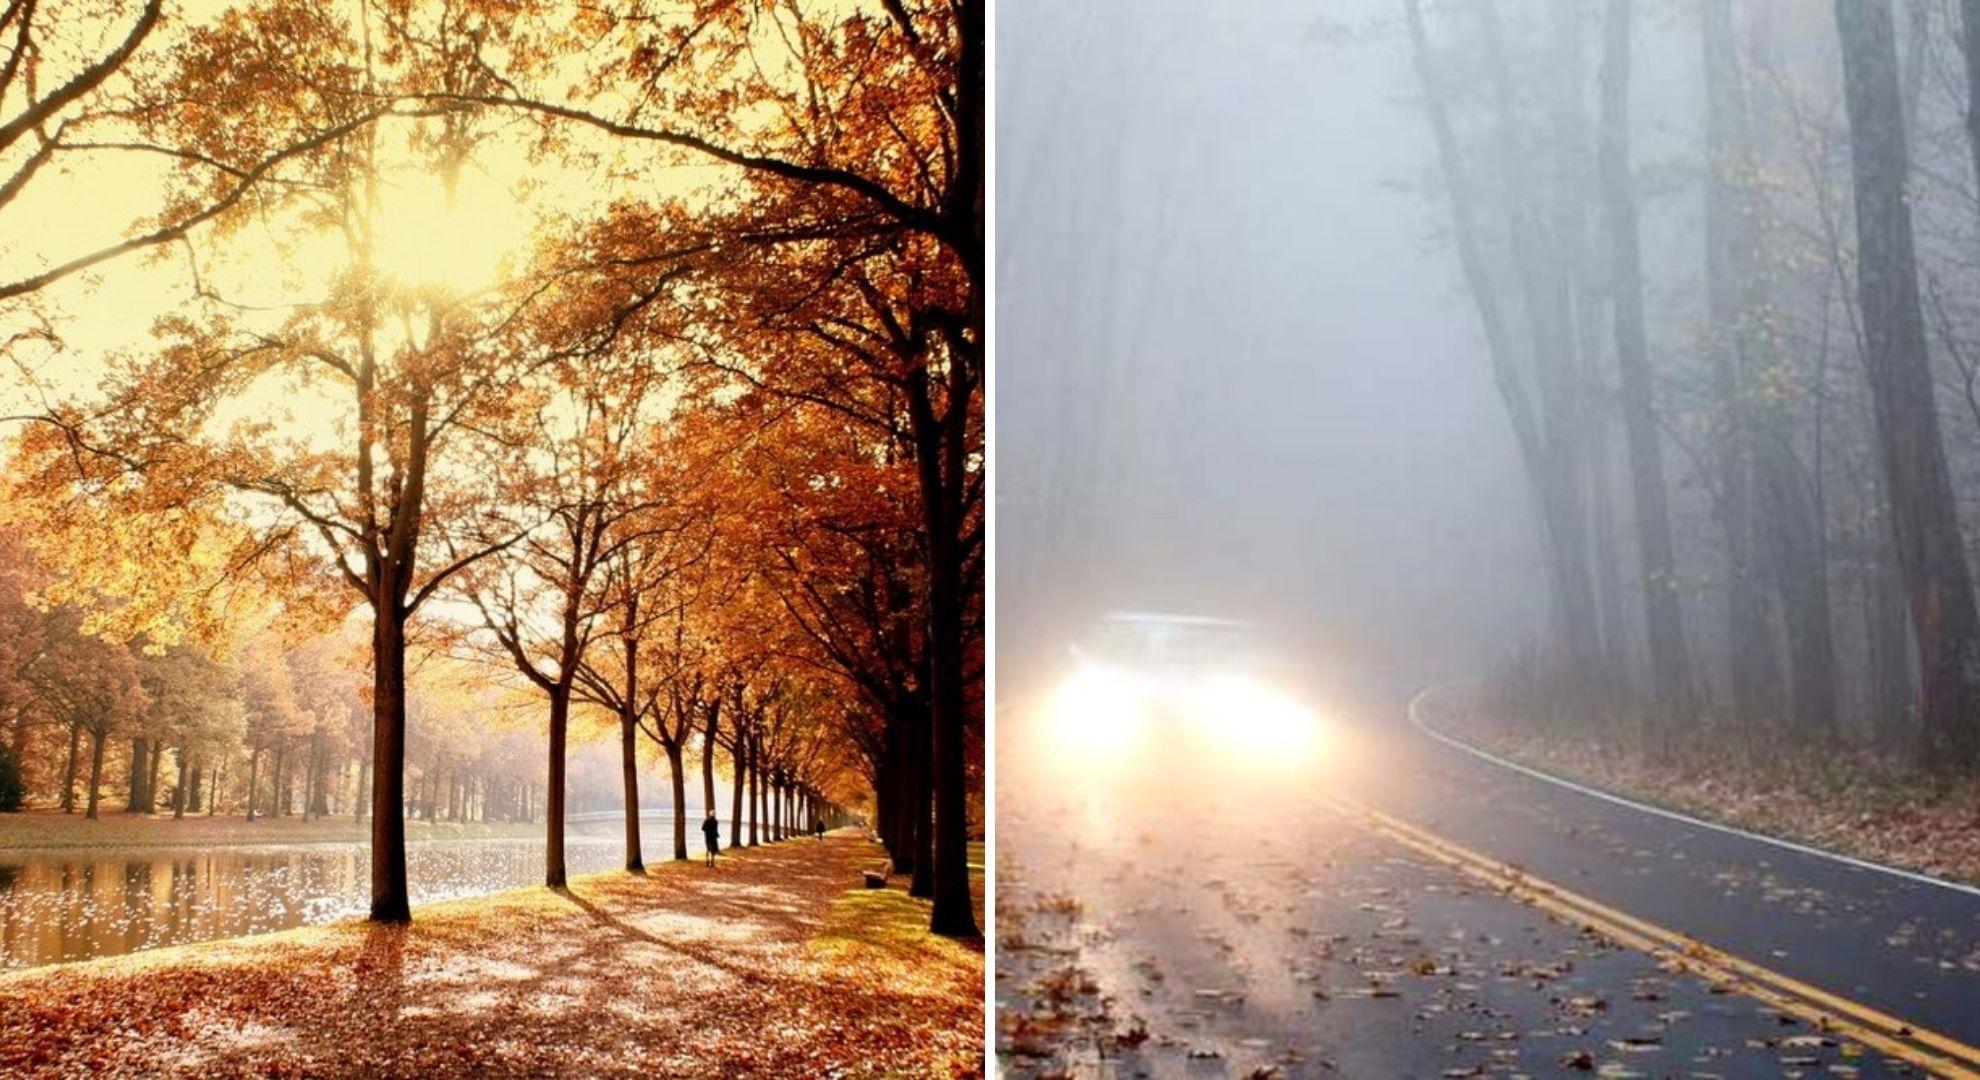 Prognoza meteo 12 noiembrie 2020. Meteorologii anunță vreme închisă